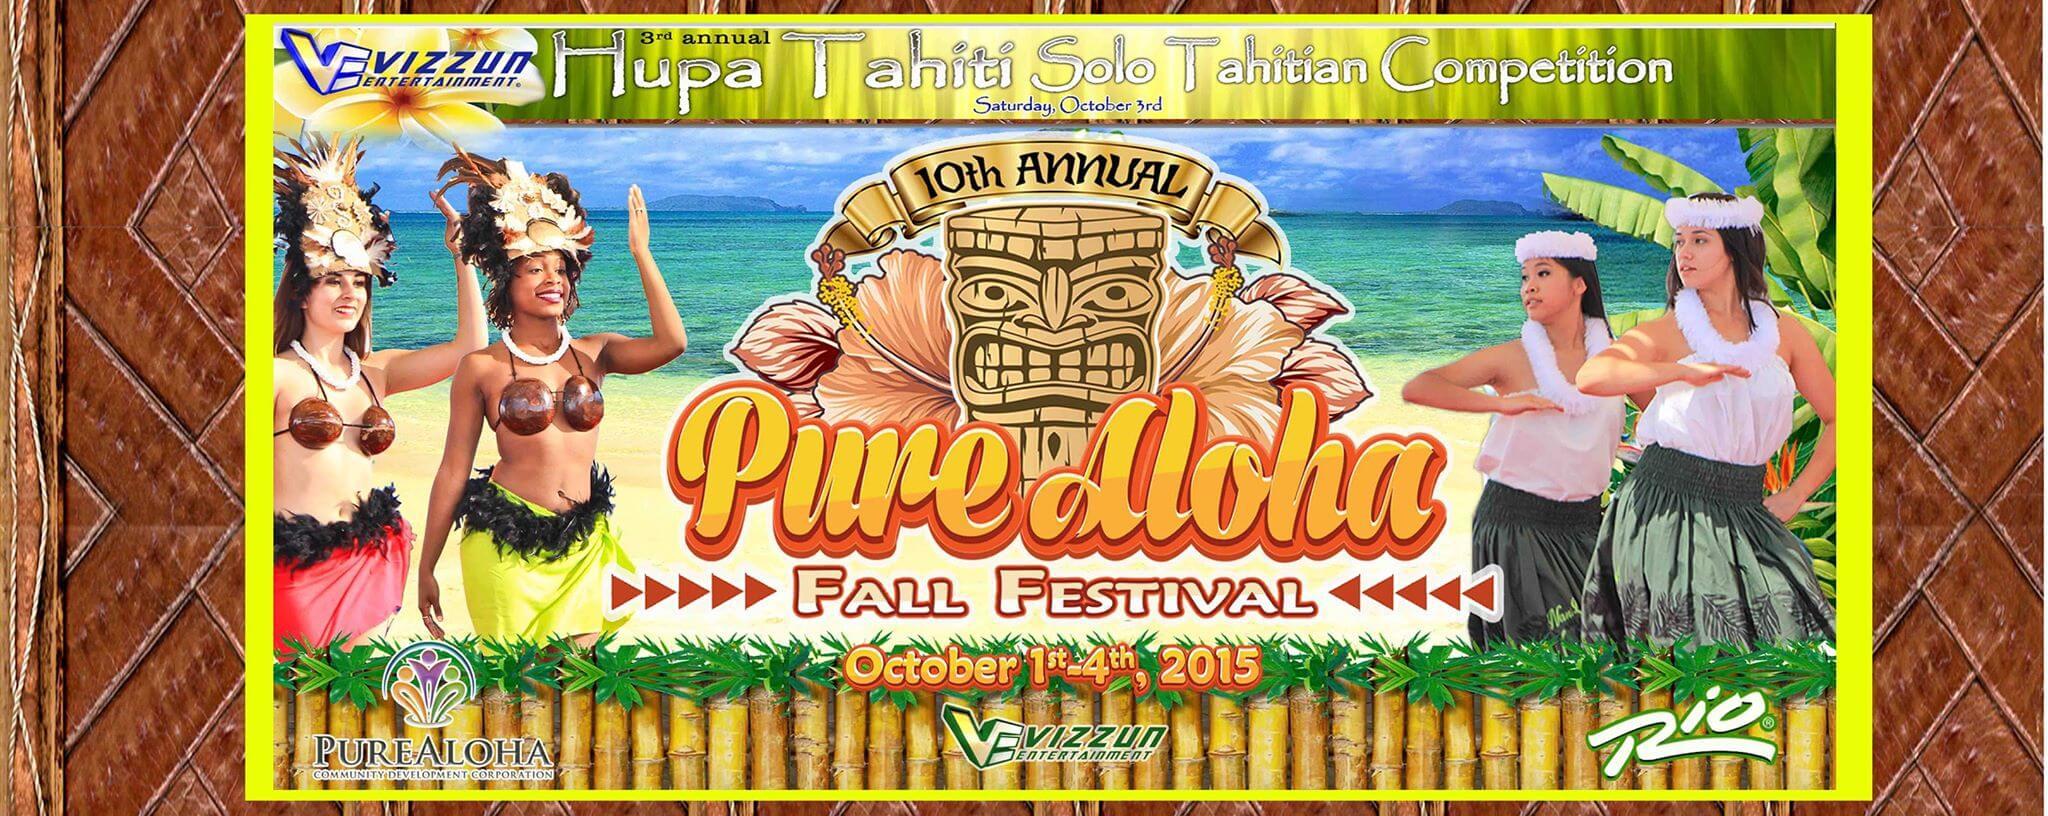 14th Annual Pure Aloha Festival